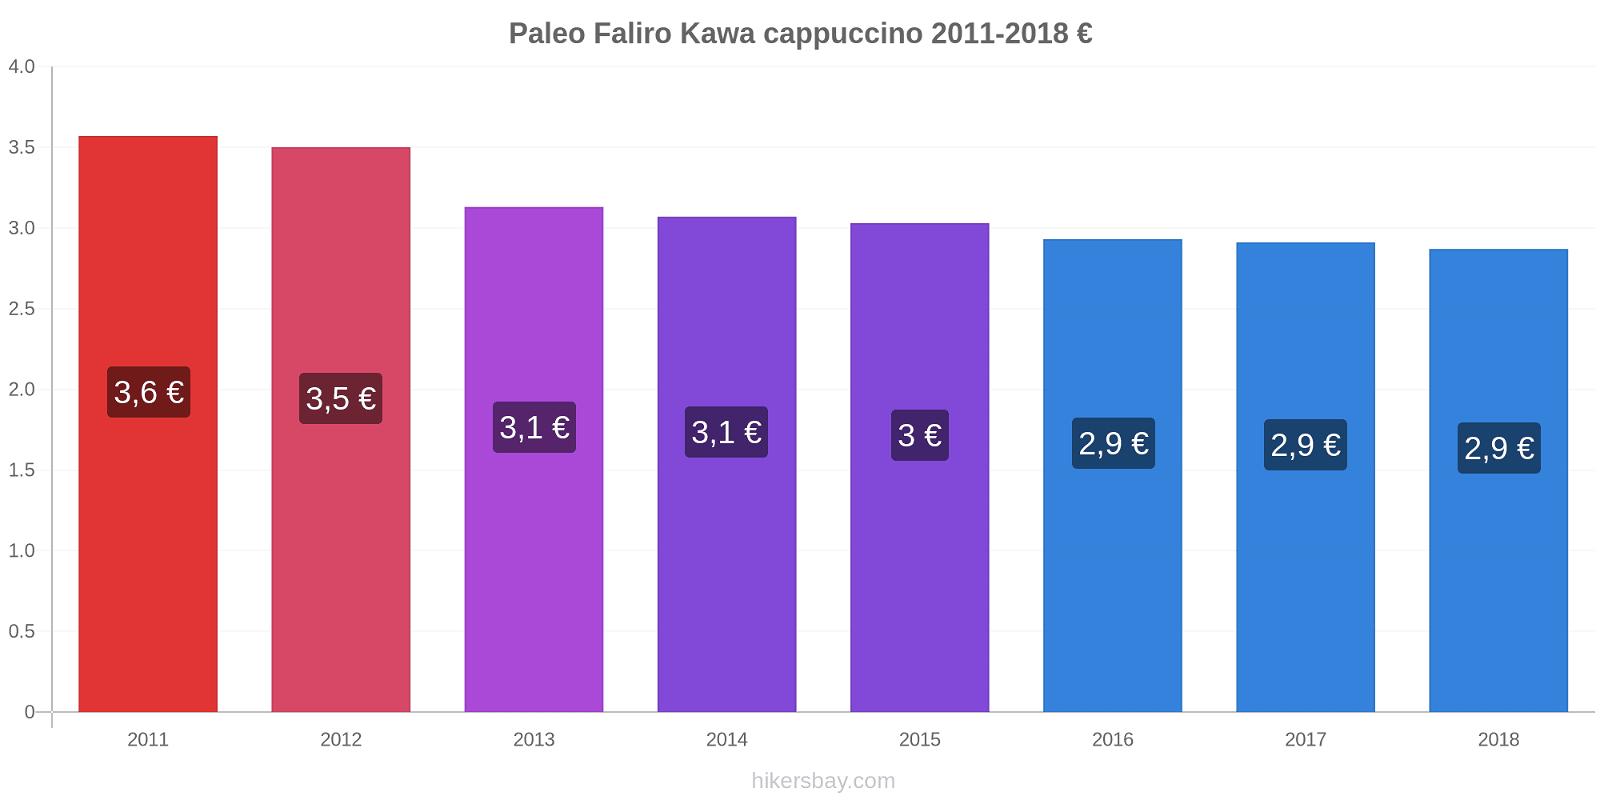 Paleo Faliro zmiany cen Kawa cappuccino hikersbay.com